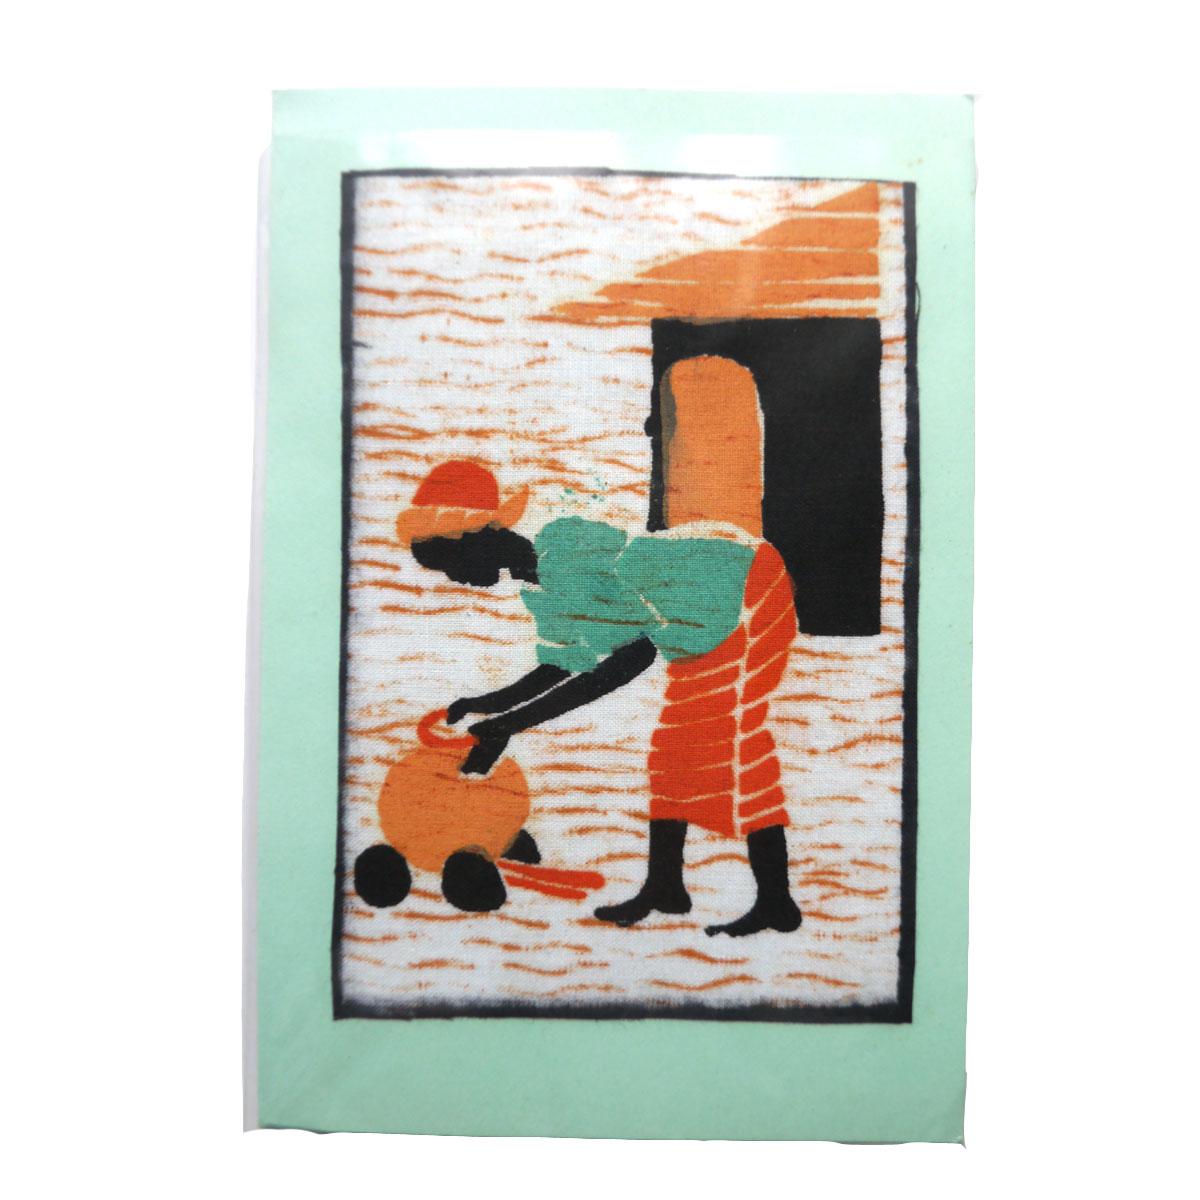 ジンバブエポストカード(壺と女性) PC-06